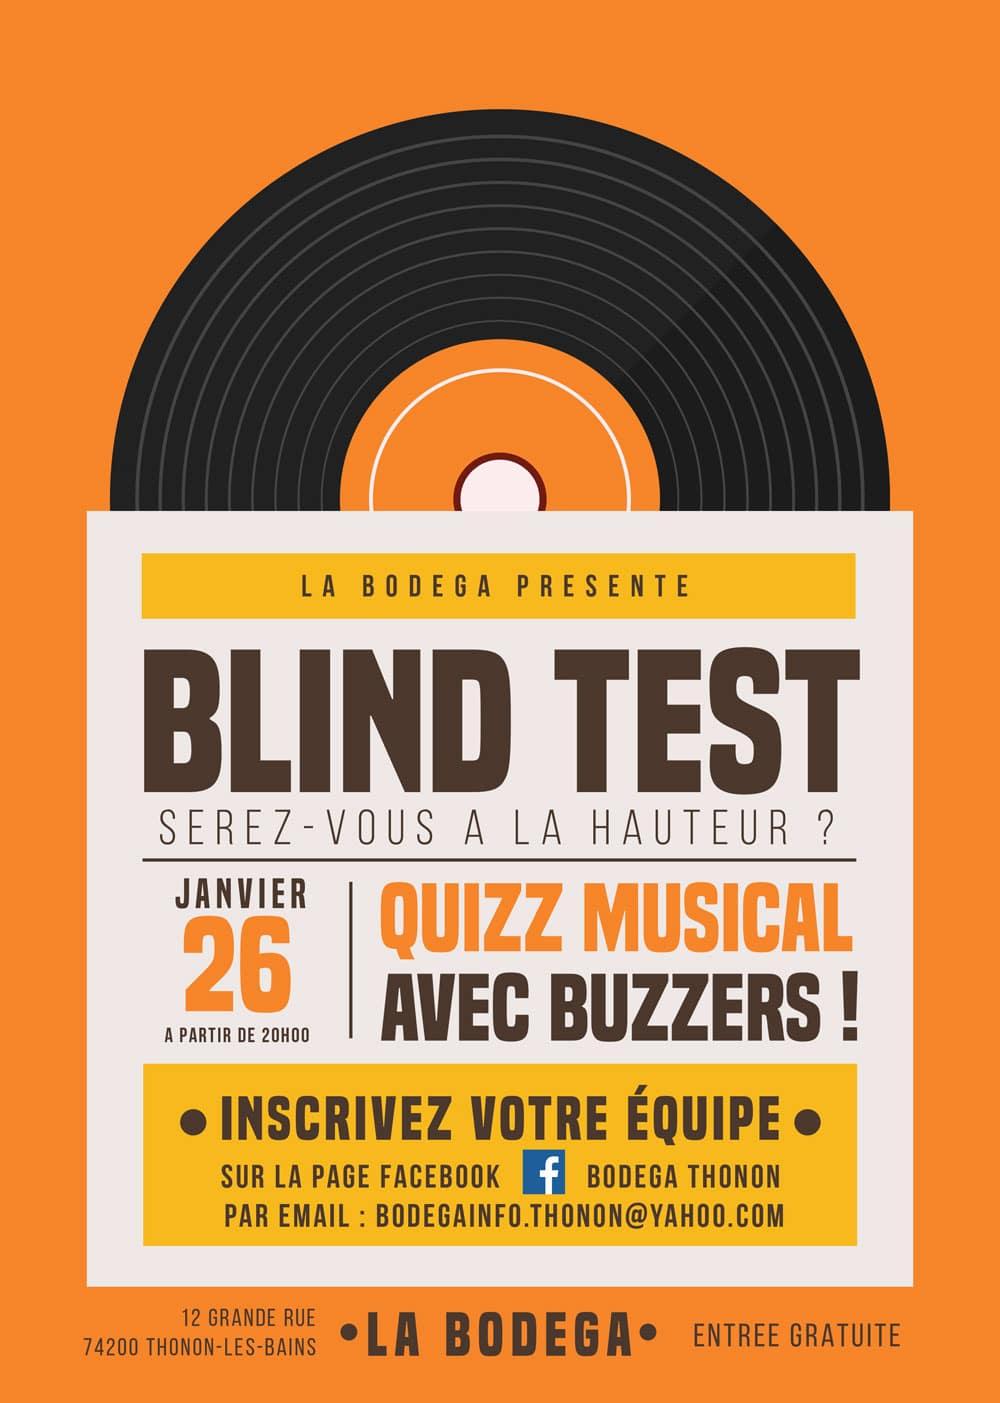 Quizz musical Thonon-les-Bains